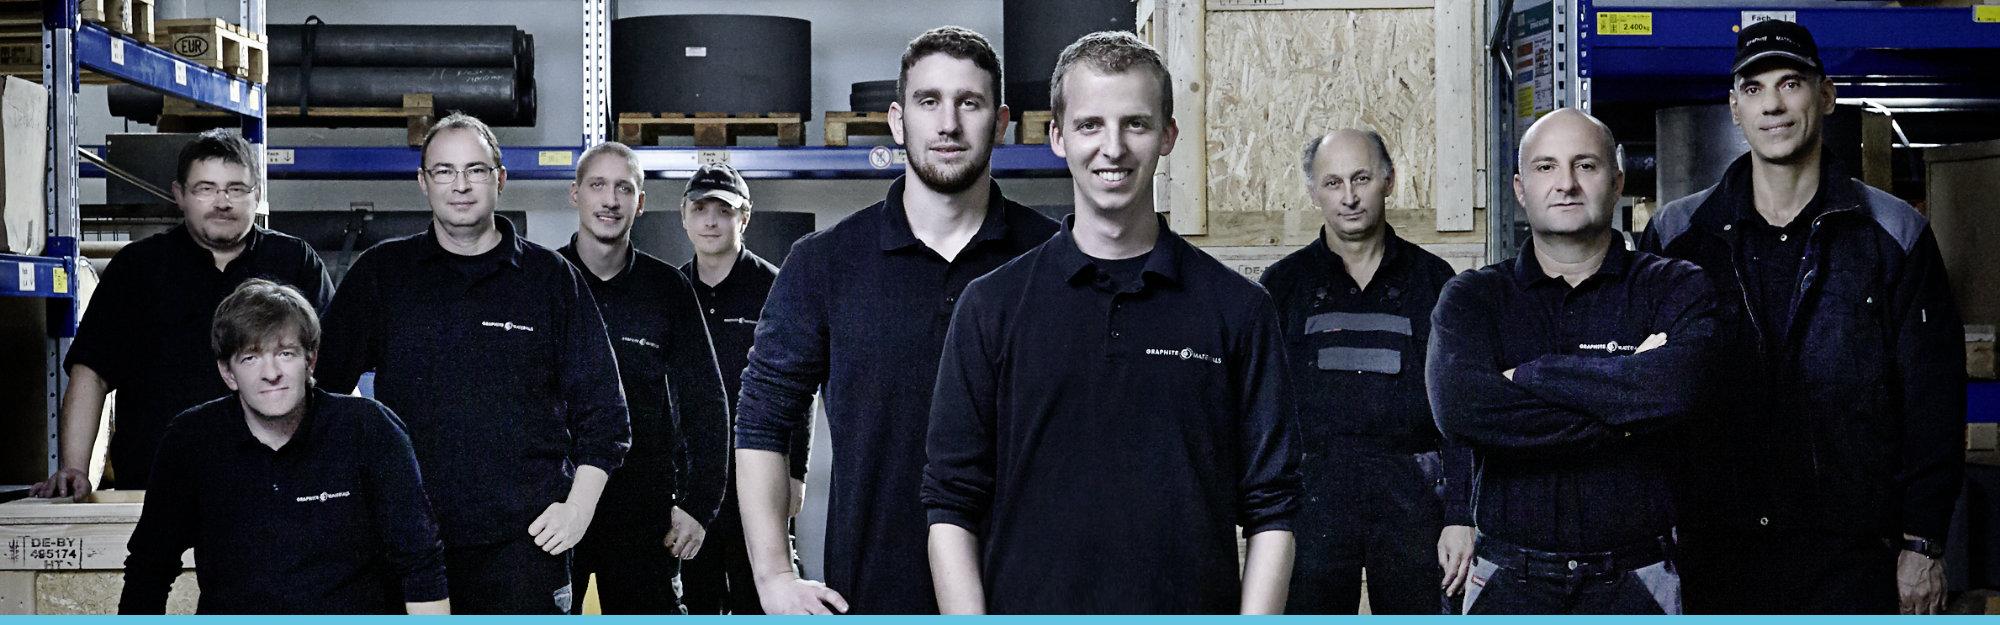 Qualitaet Team